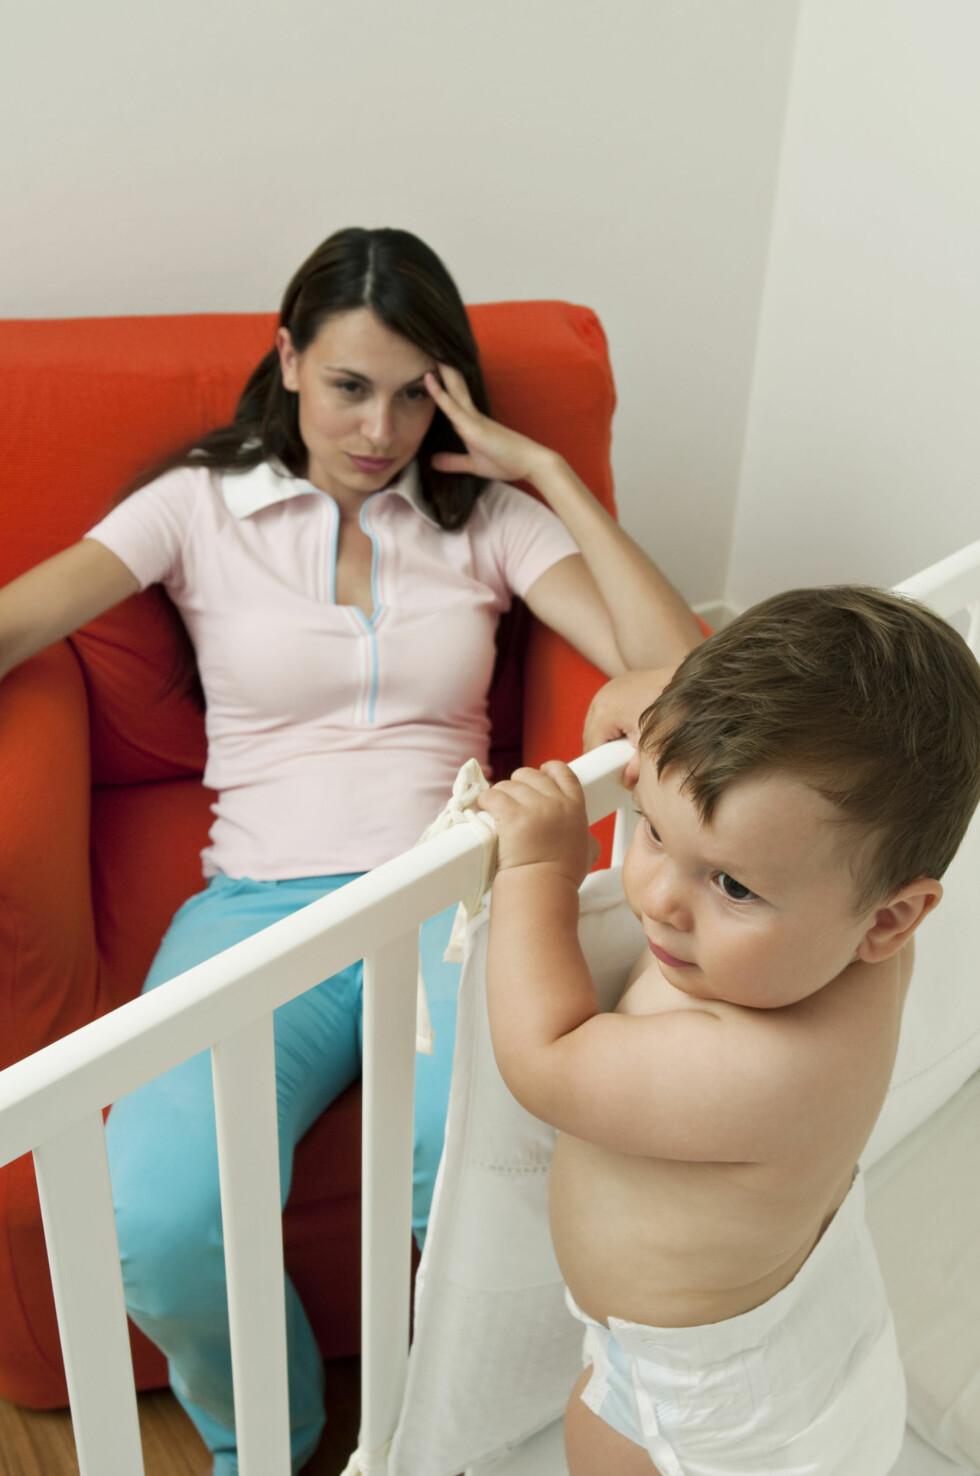 NEKTER Å SOVE: En metode hvis barnet nekter å sove kan være å sitte på rommet sammen med barnet, men gi barnet minst mulig oppmerksomhet. Foto: NTB Scanpix/Stefano Lunardi